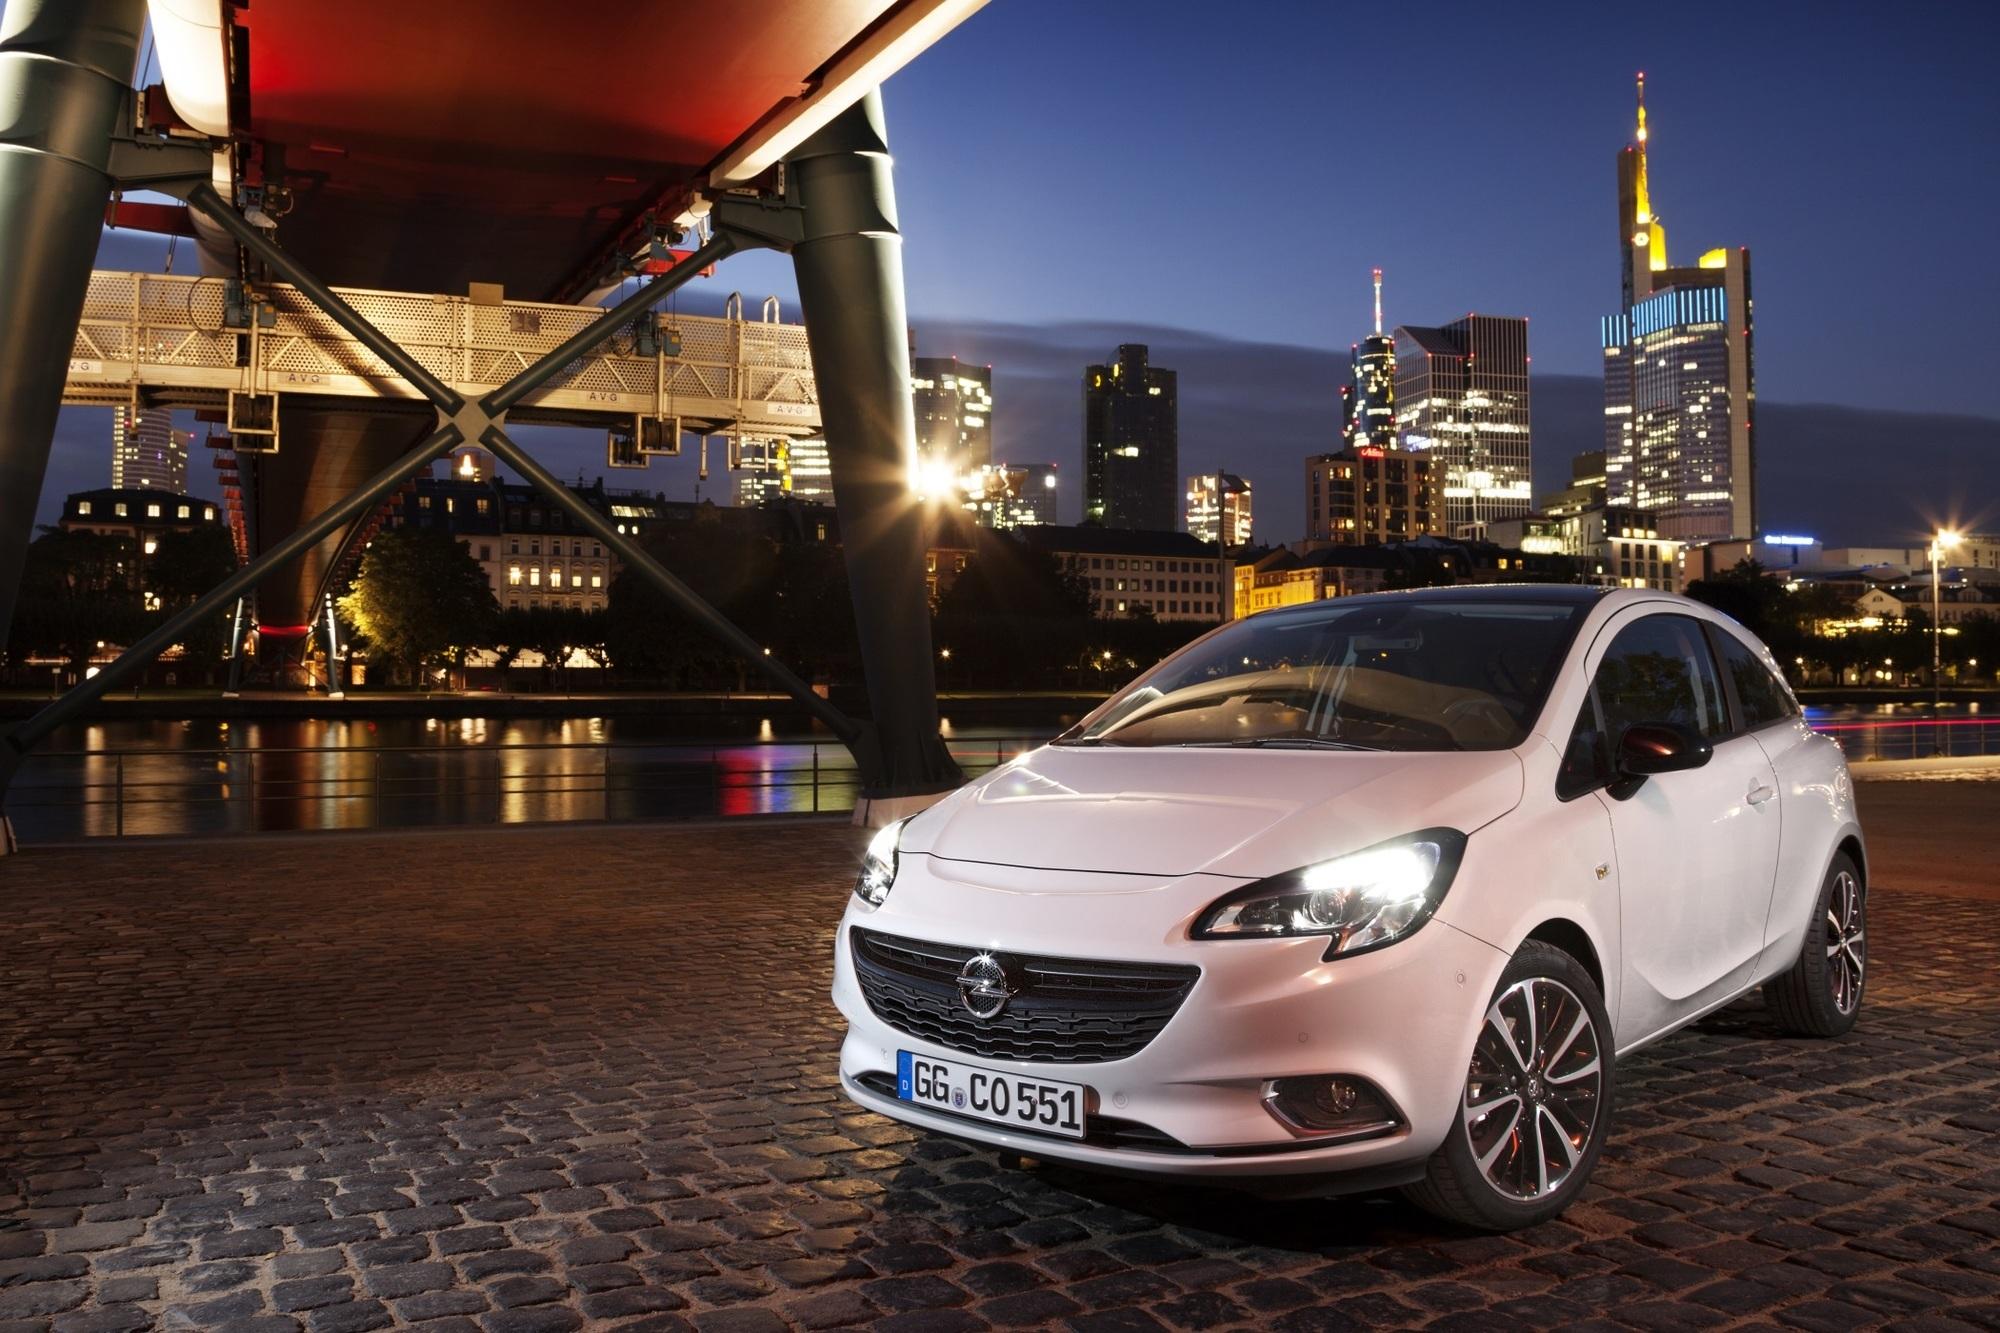 Fahrbericht: Opel Corsa - Auf Höhe der Zeit